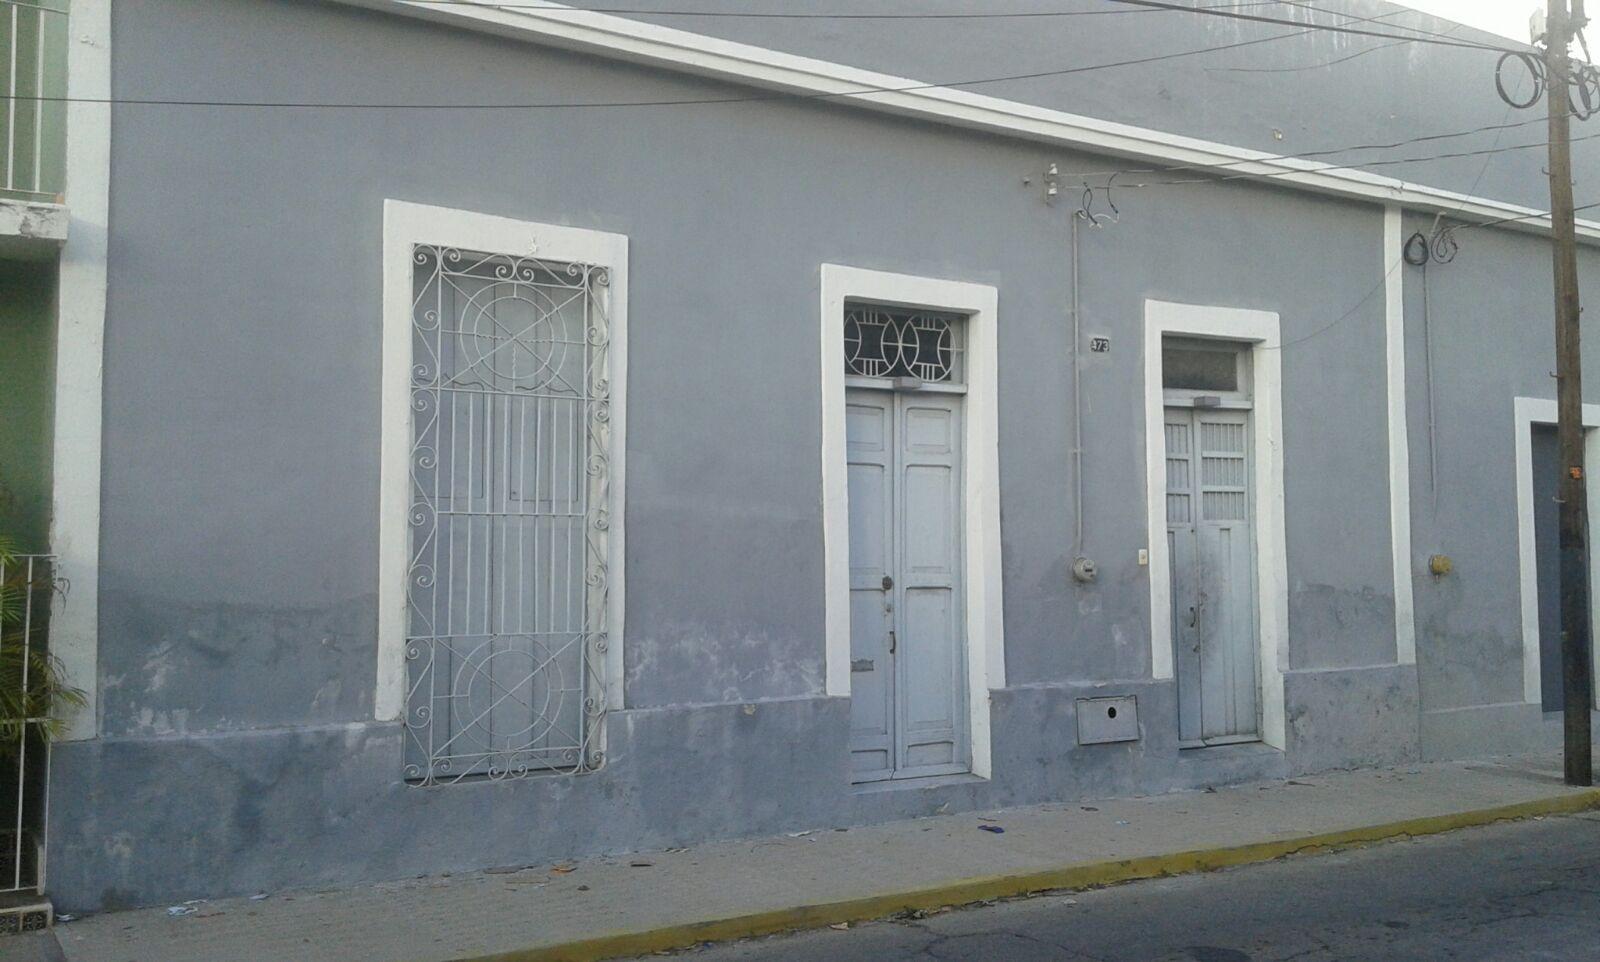 Asaltan a sexagenario en domicilio de Centro Histórico de Mérida